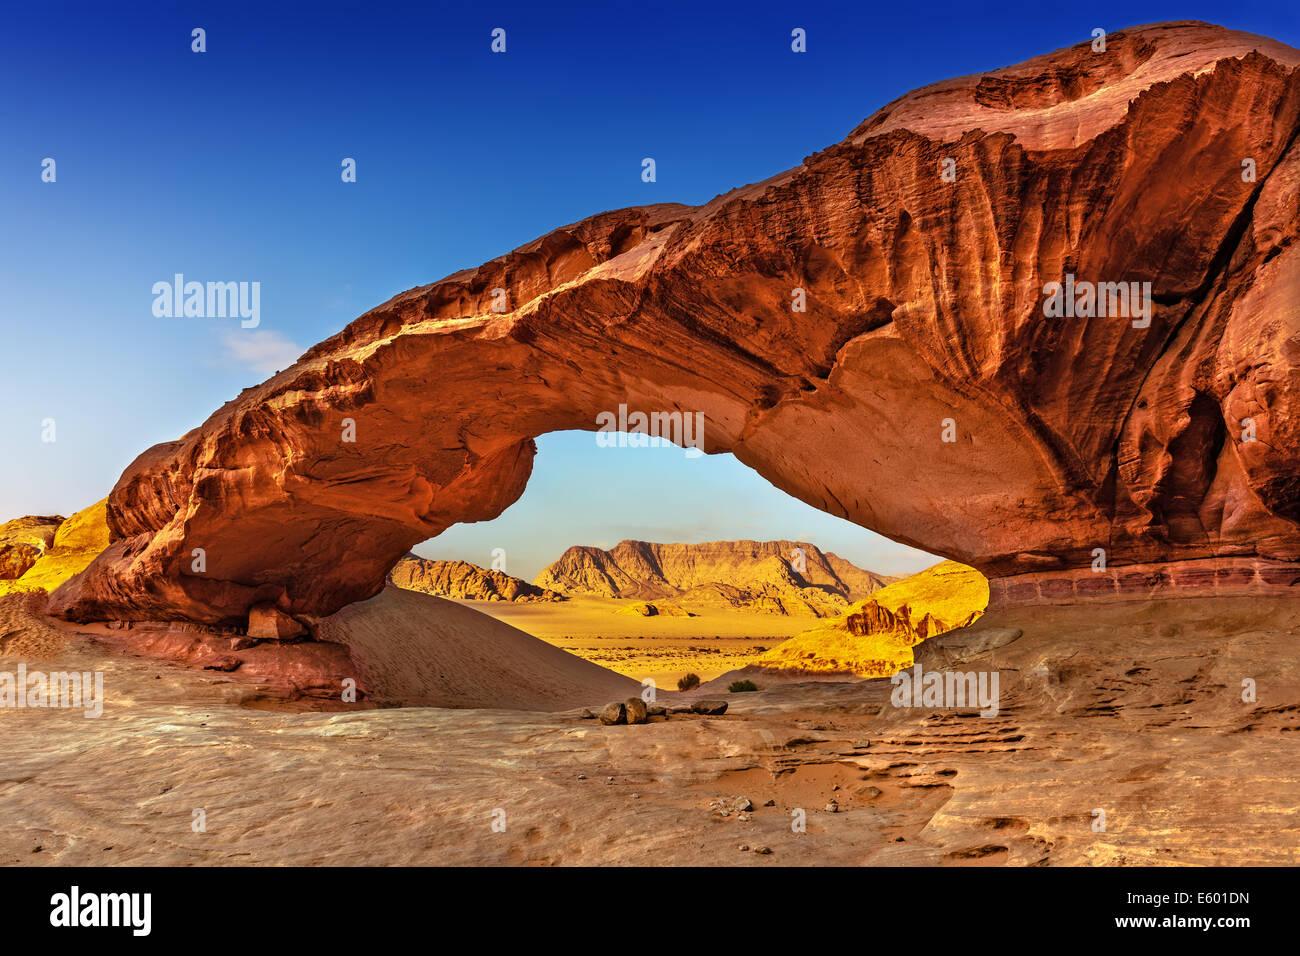 Vista a través de un arco de roca en el desierto de Wadi Rum, Jordania, Oriente Medio Imagen De Stock